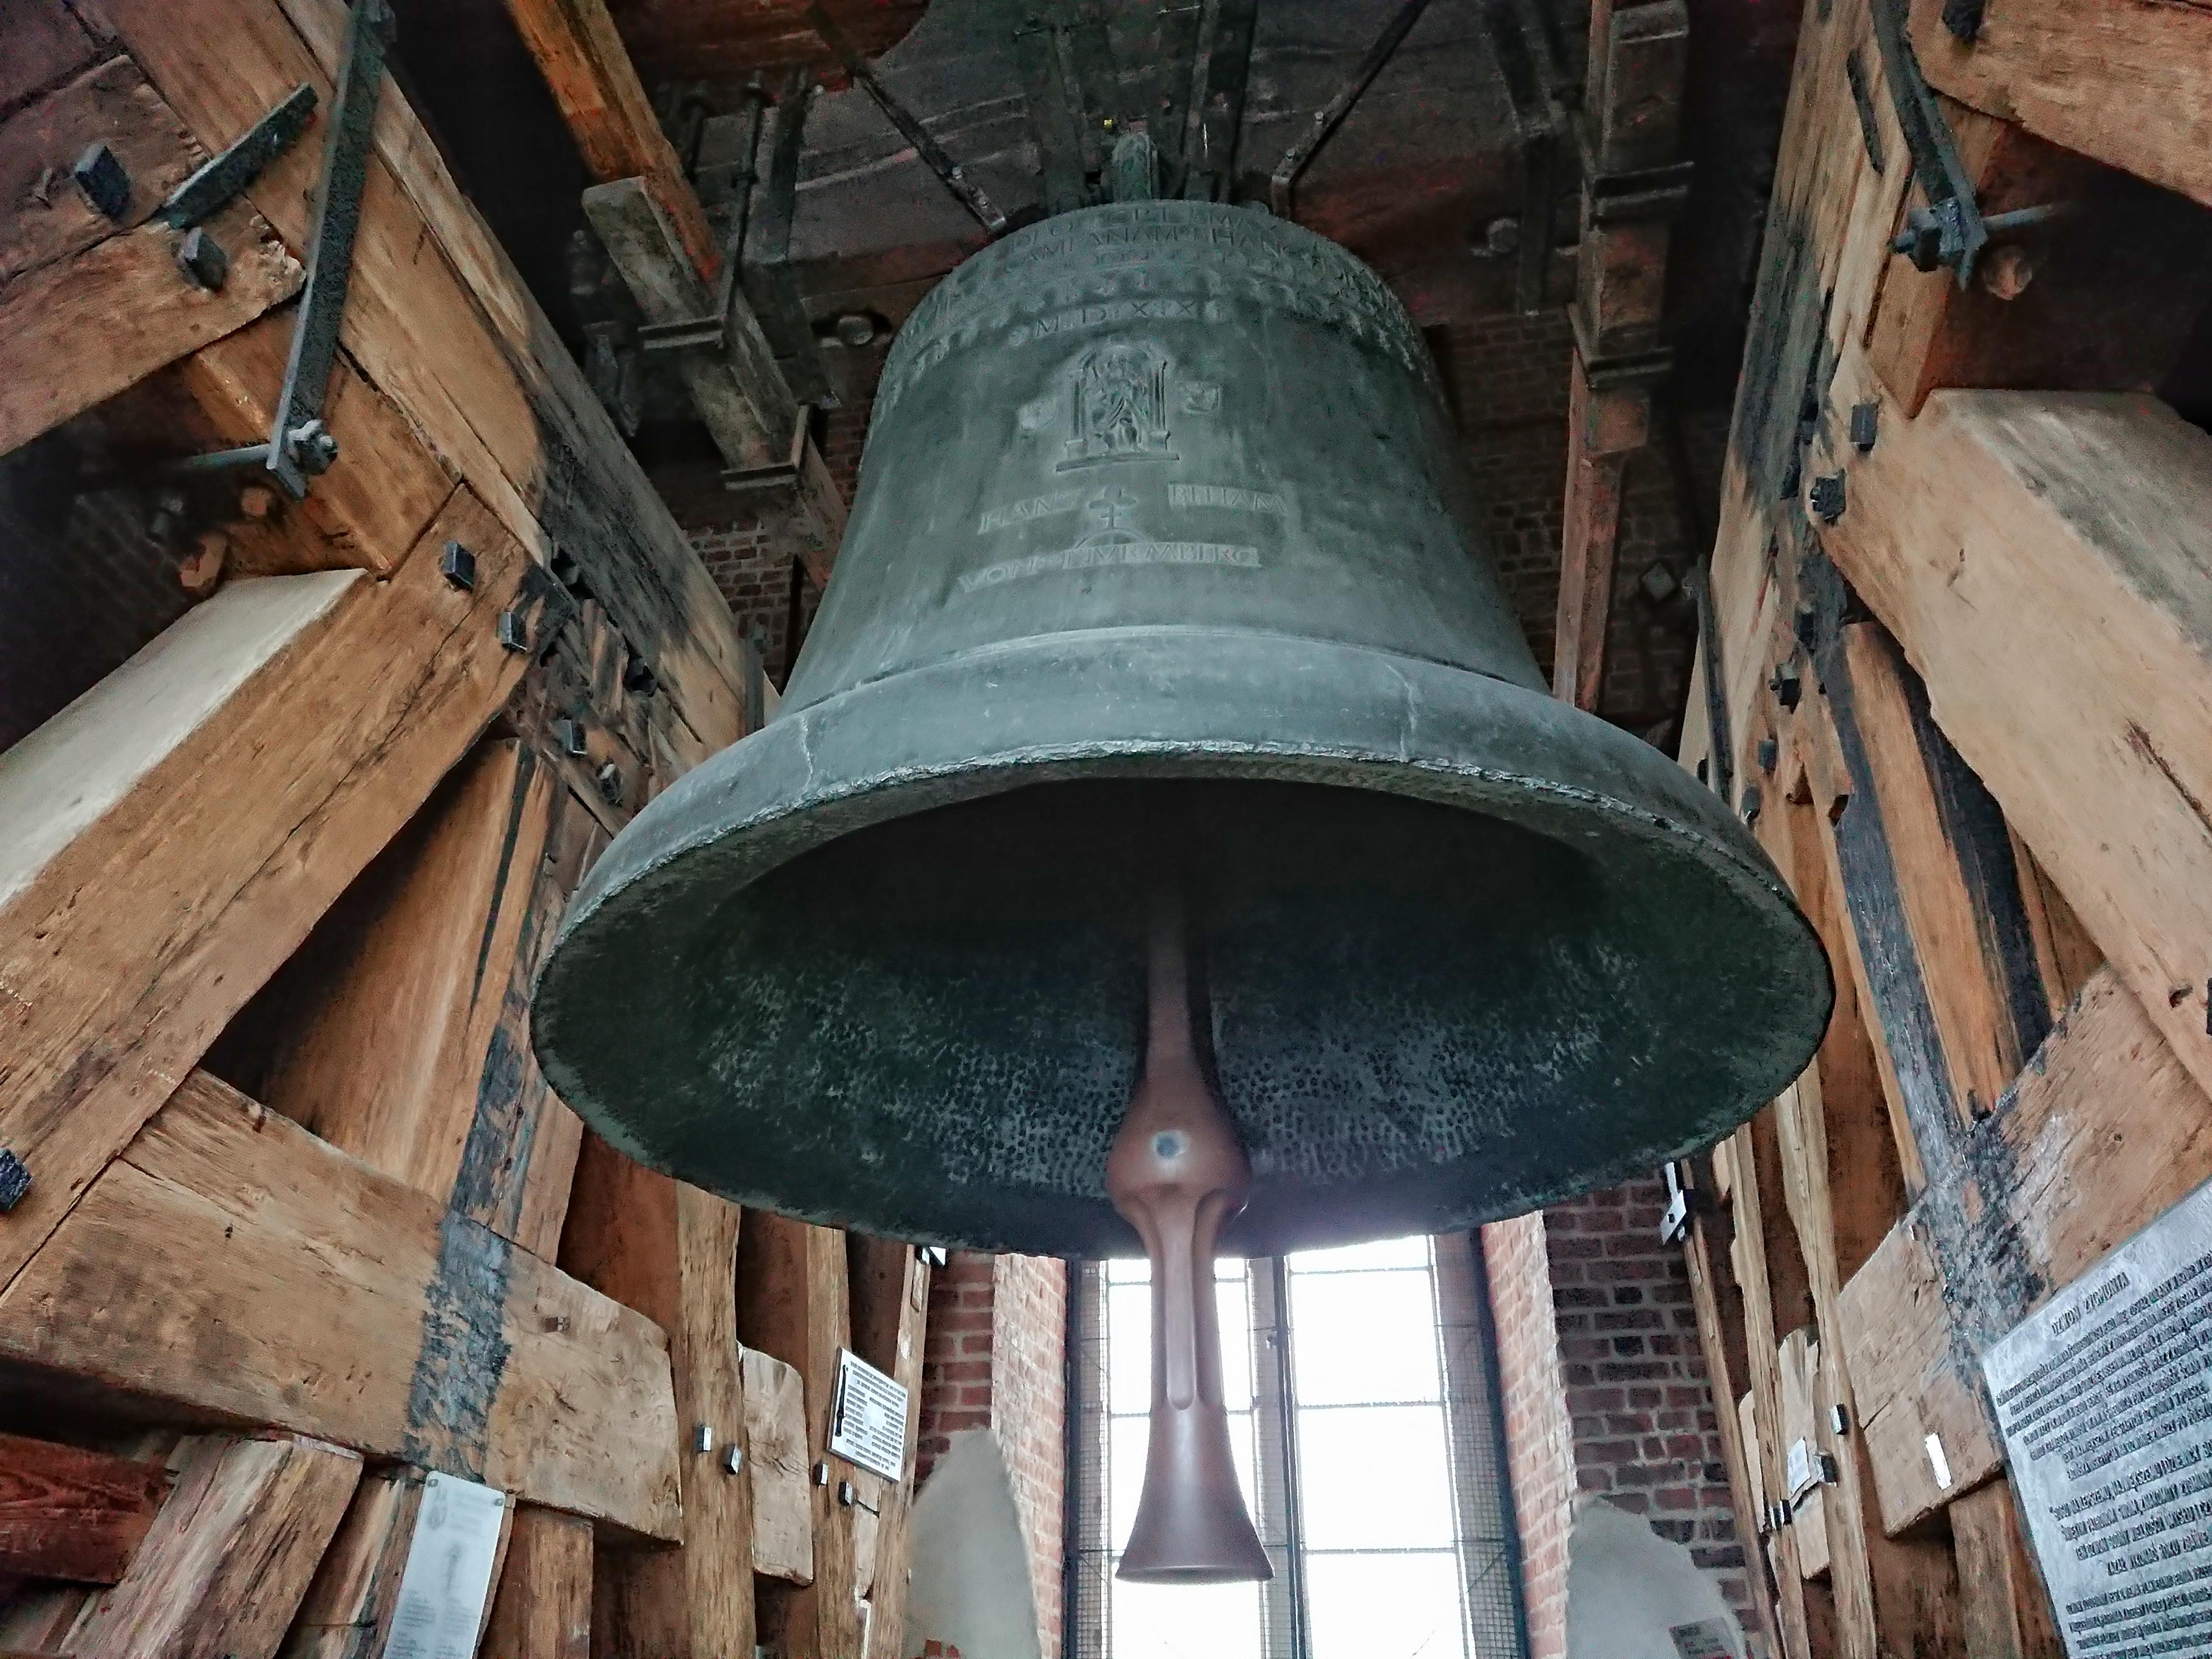 Dzwon Zygmunt w pełnej okazałości, źródło: archiwum autorki